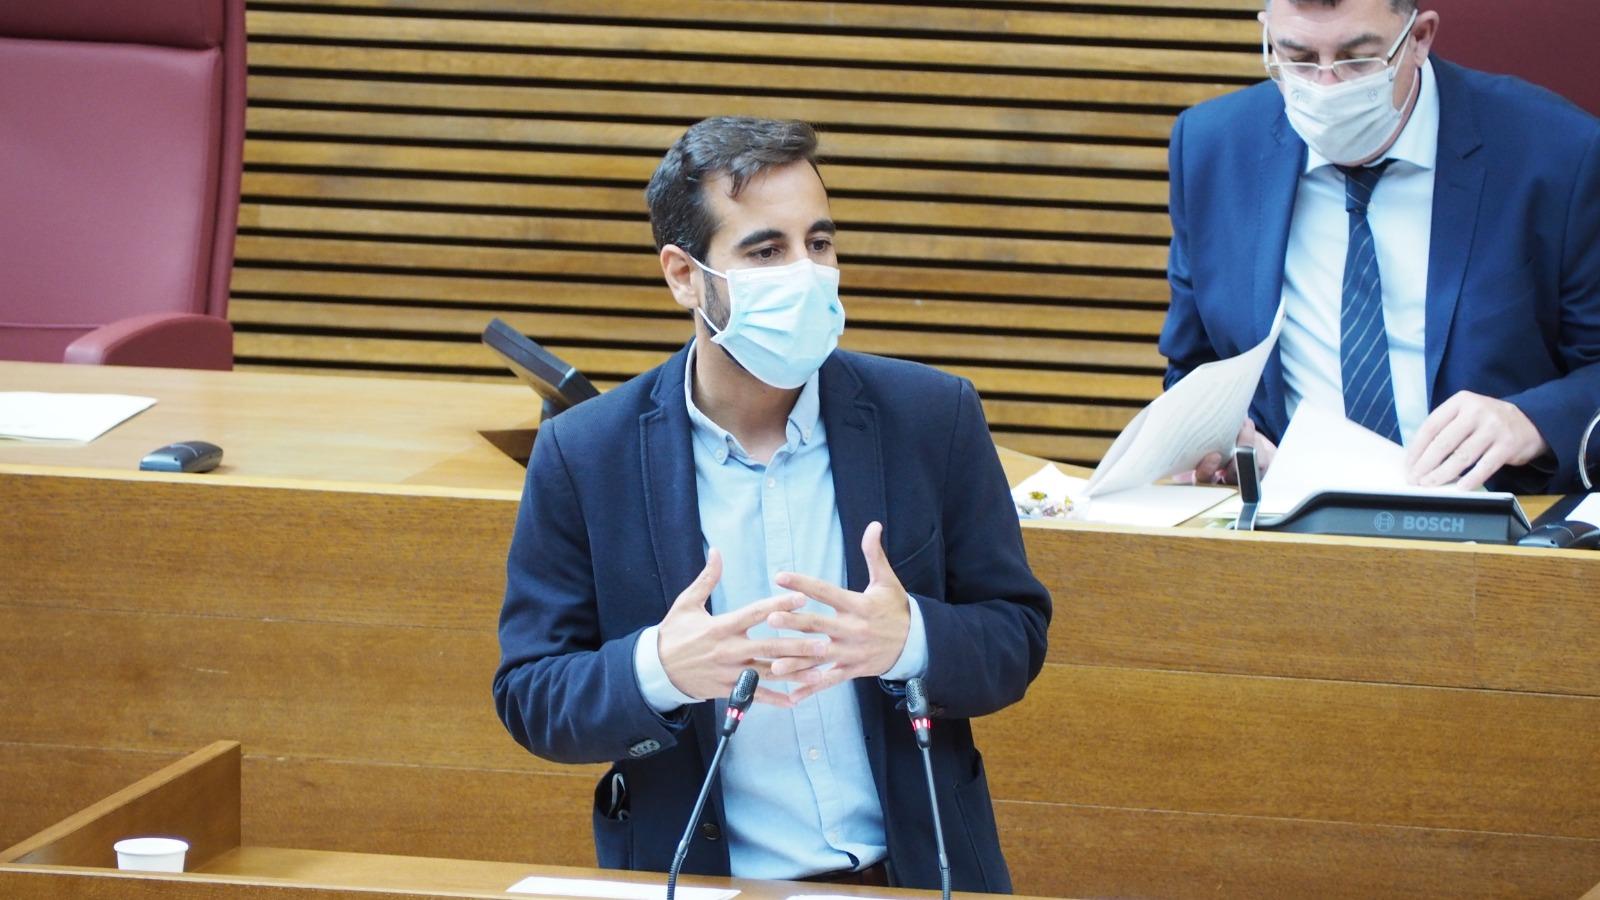 """You are currently viewing Muñoz exigeix al PP que explique que no donara suport a la suspensió de les regles fiscals: """"Pretenien ofegar als valencians amb més retallades"""""""